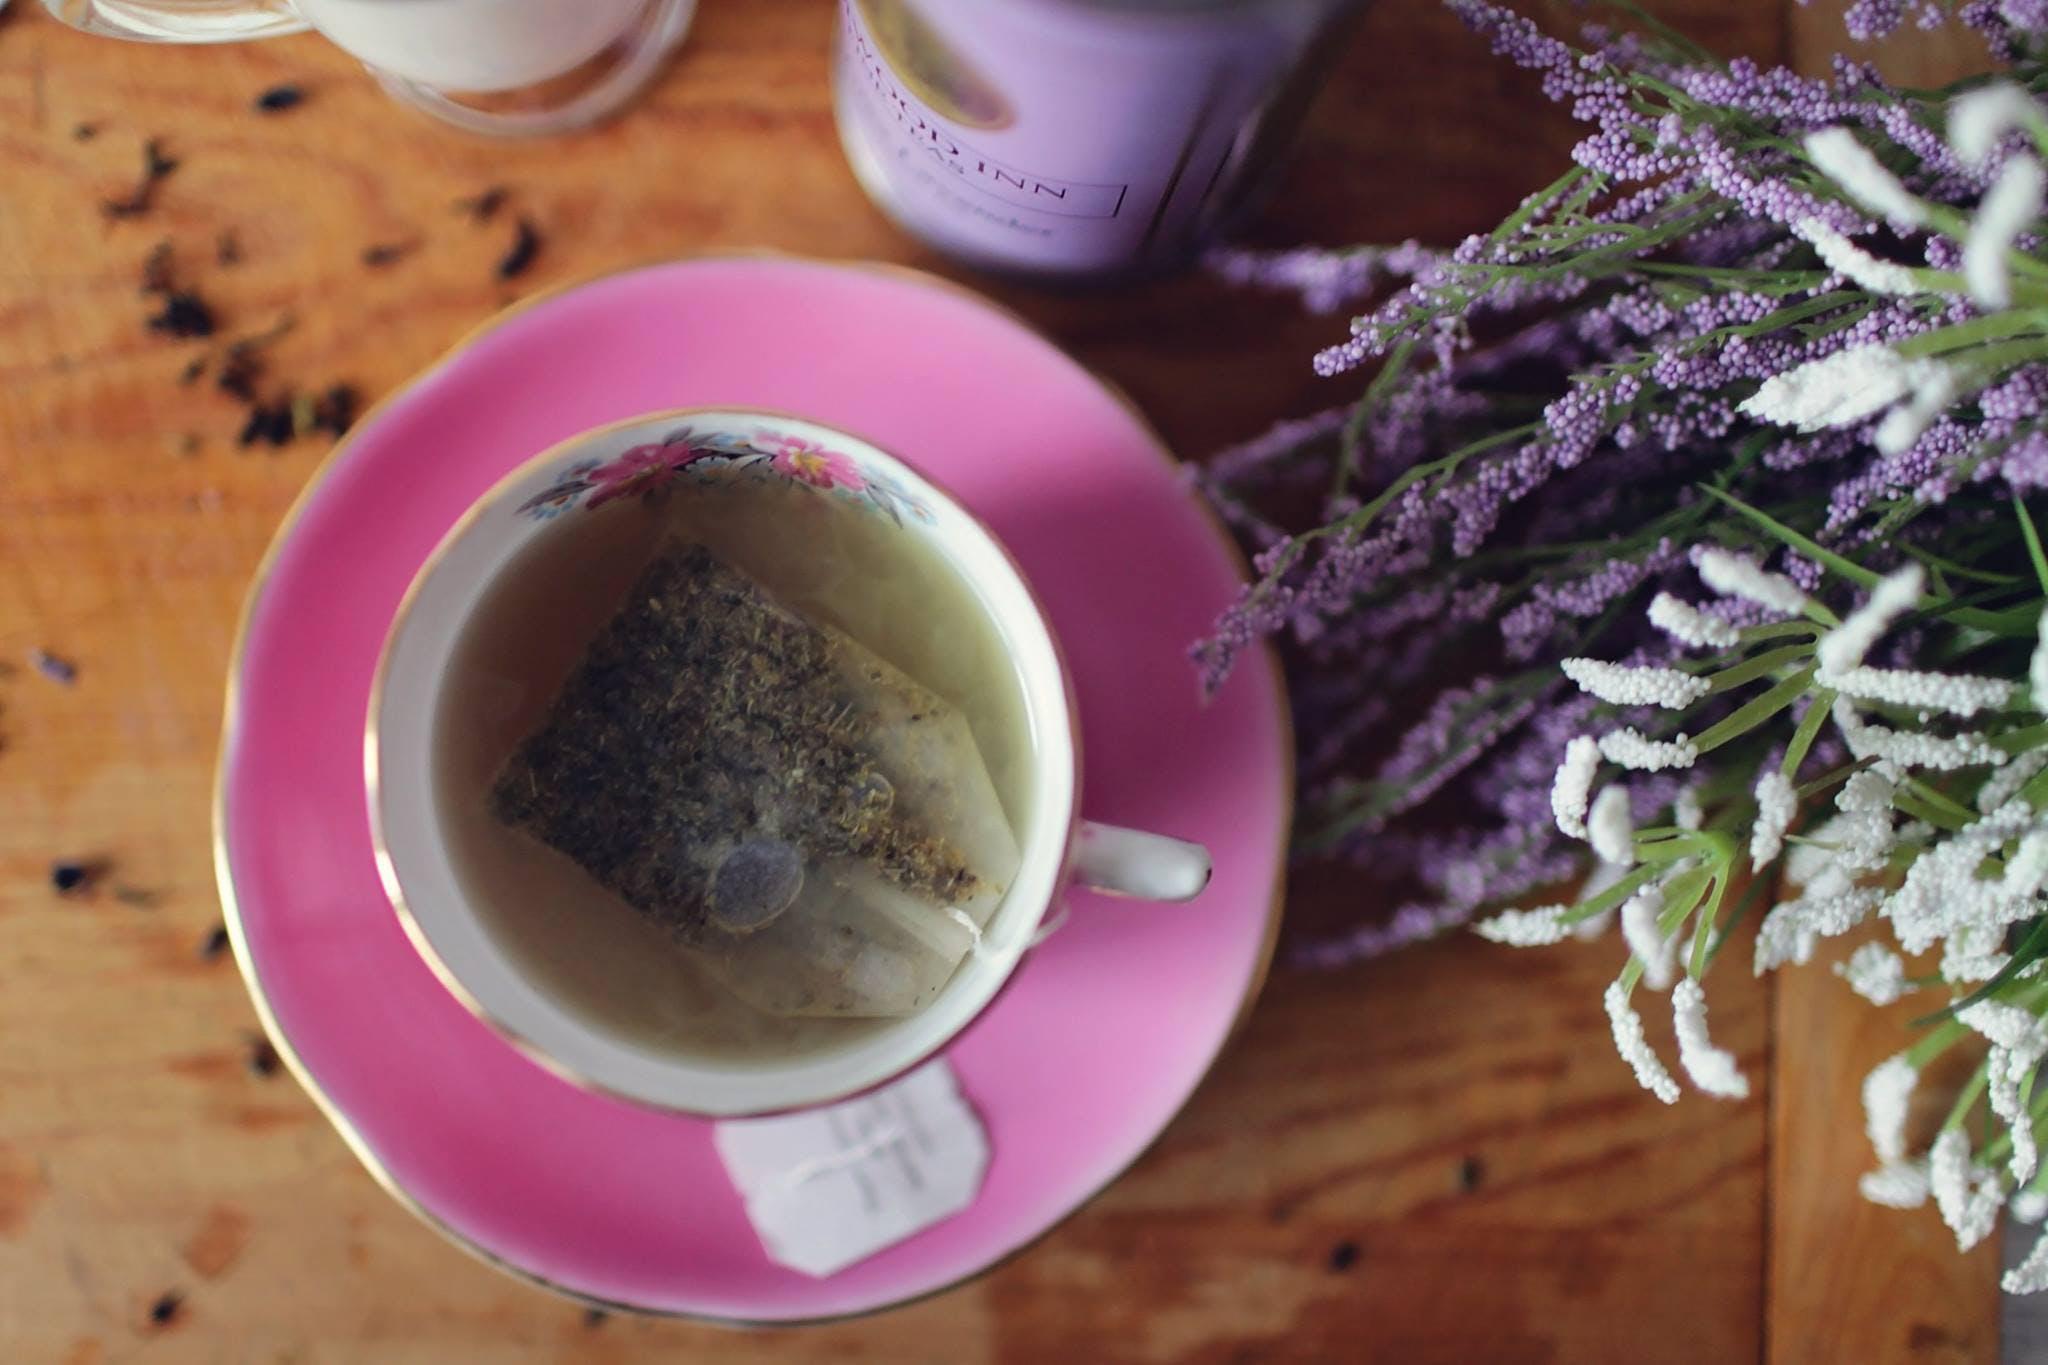 Tea Bag in Teacup